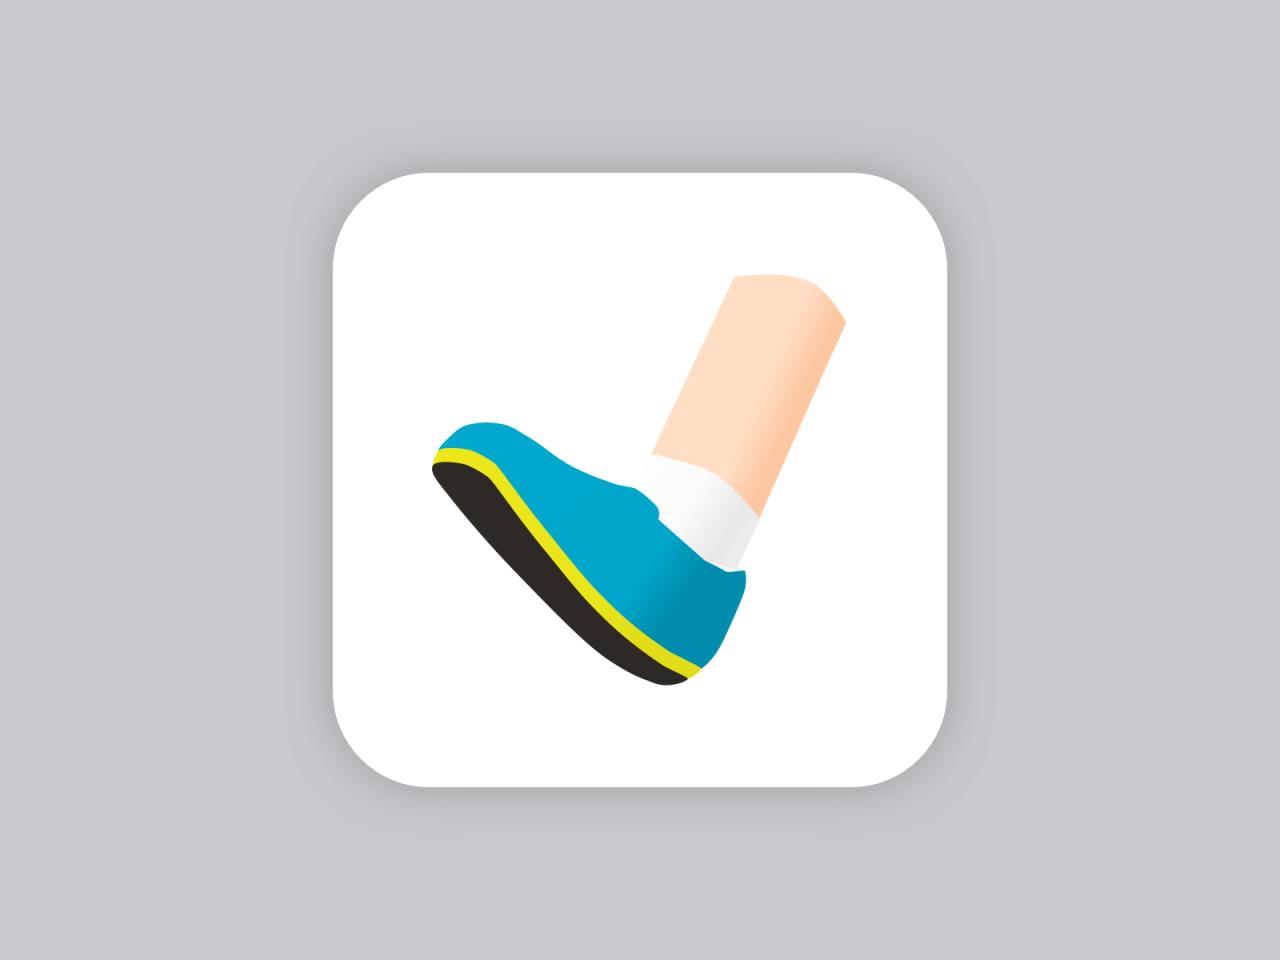 Ikona pro aplikaci na sledování sportovních aktivit.